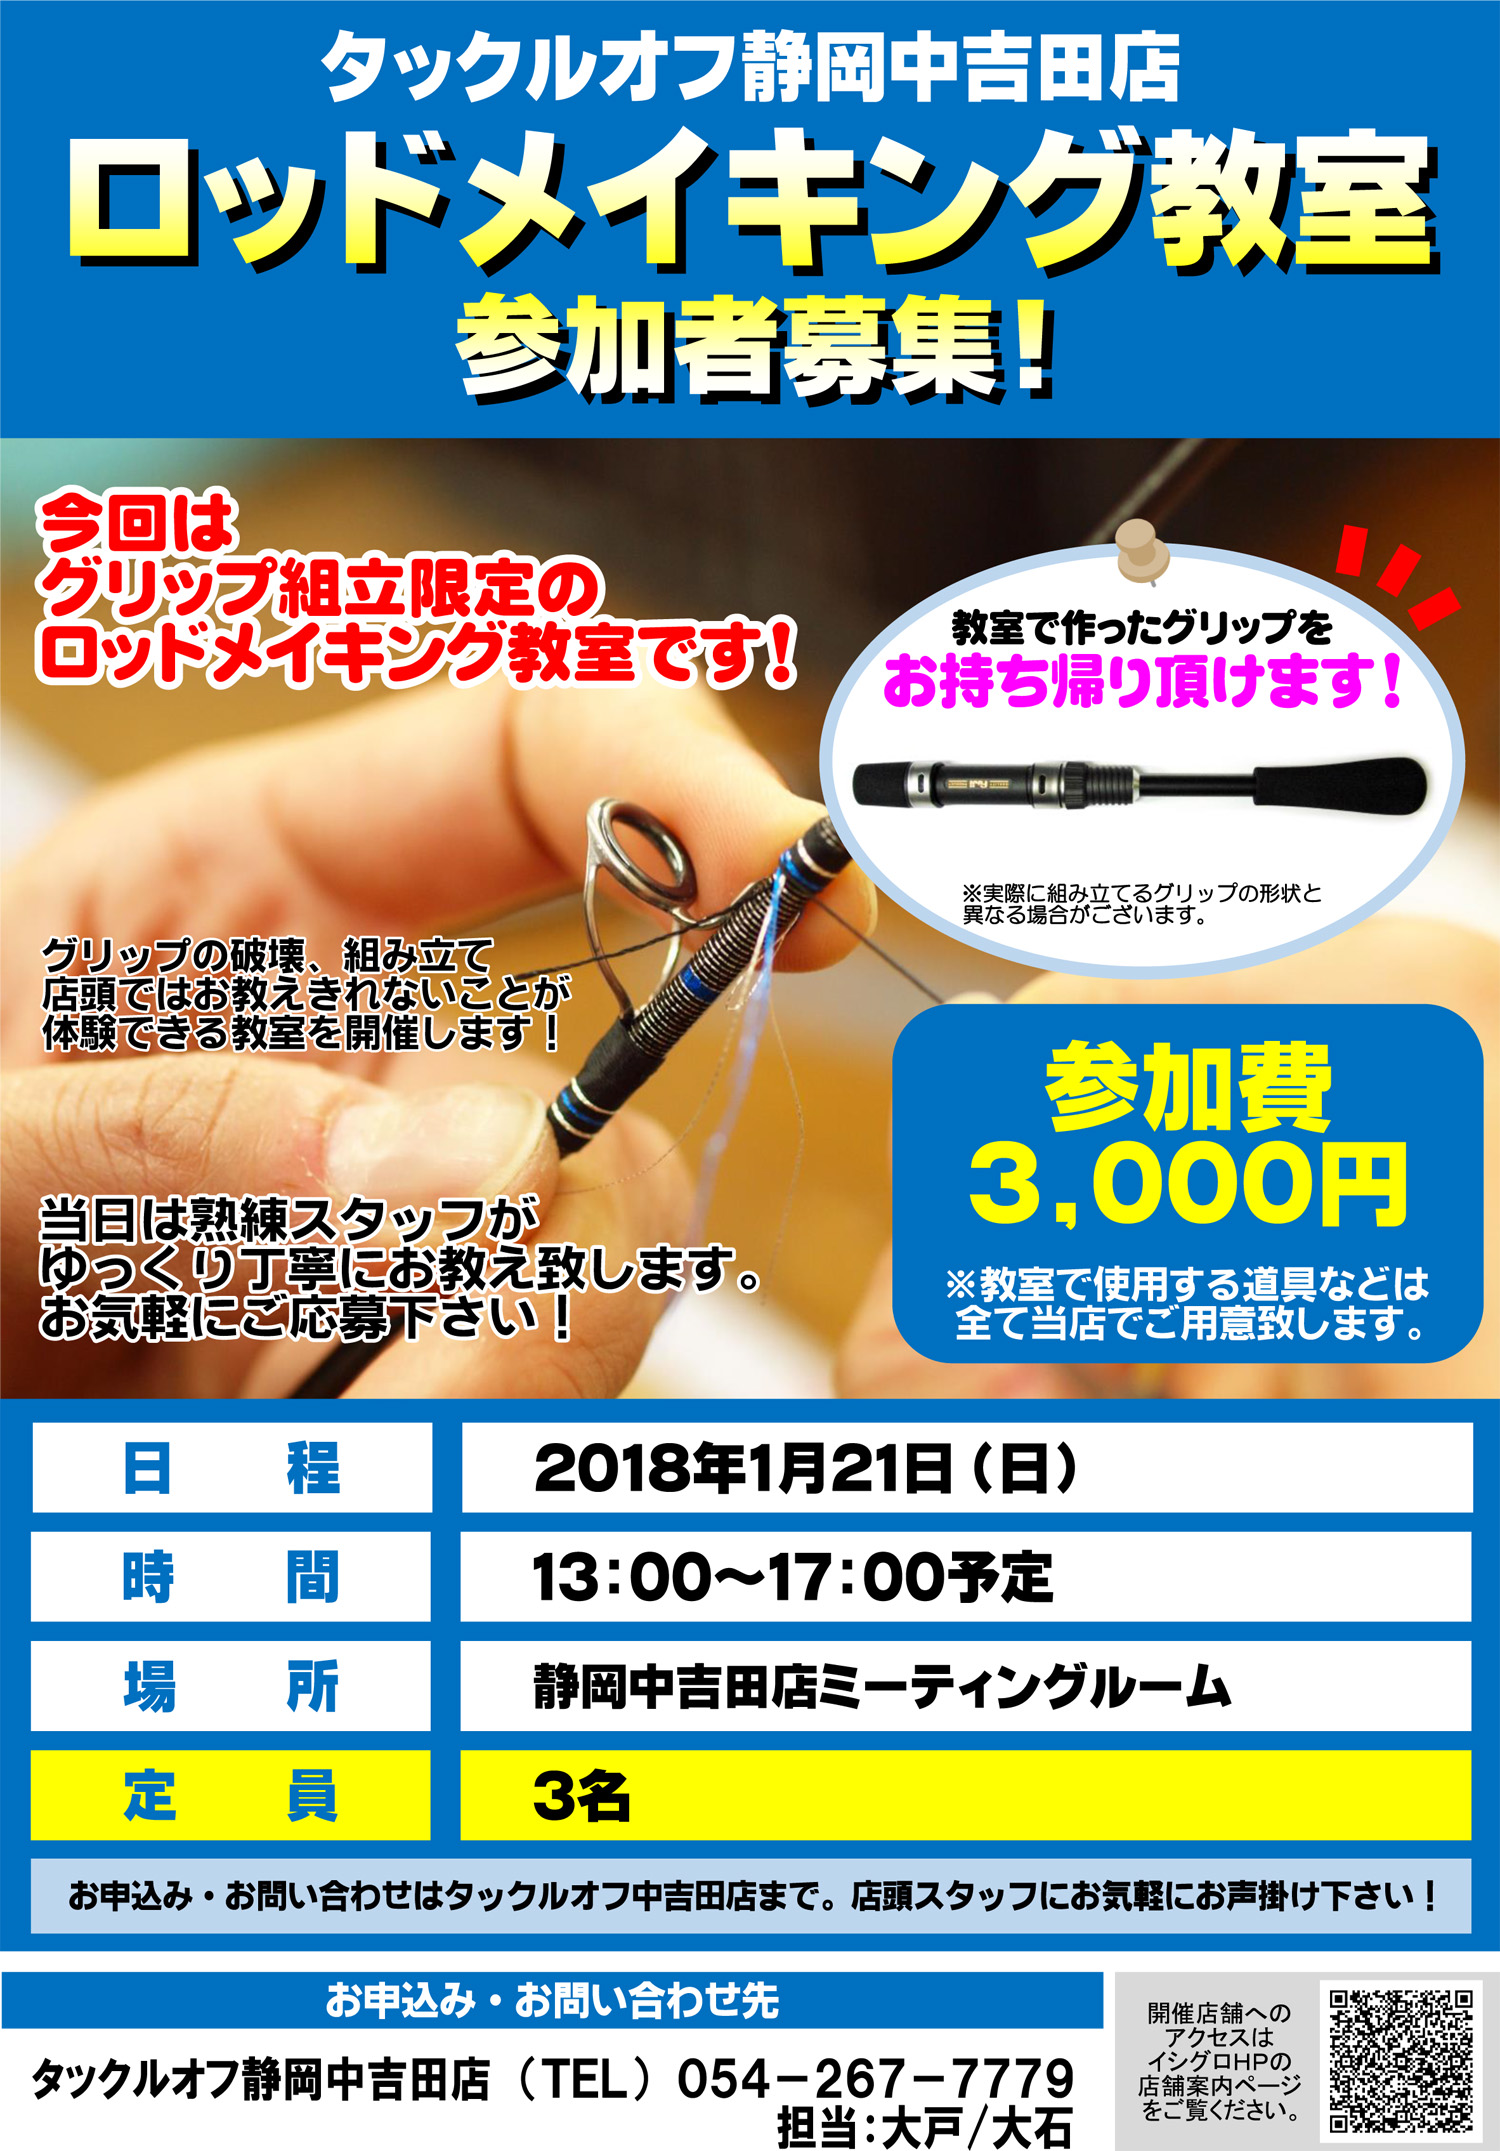 タックルオフ静岡中吉田店 グリップ組立・ロッドメイキング教室を開催!(1月)メイン画像